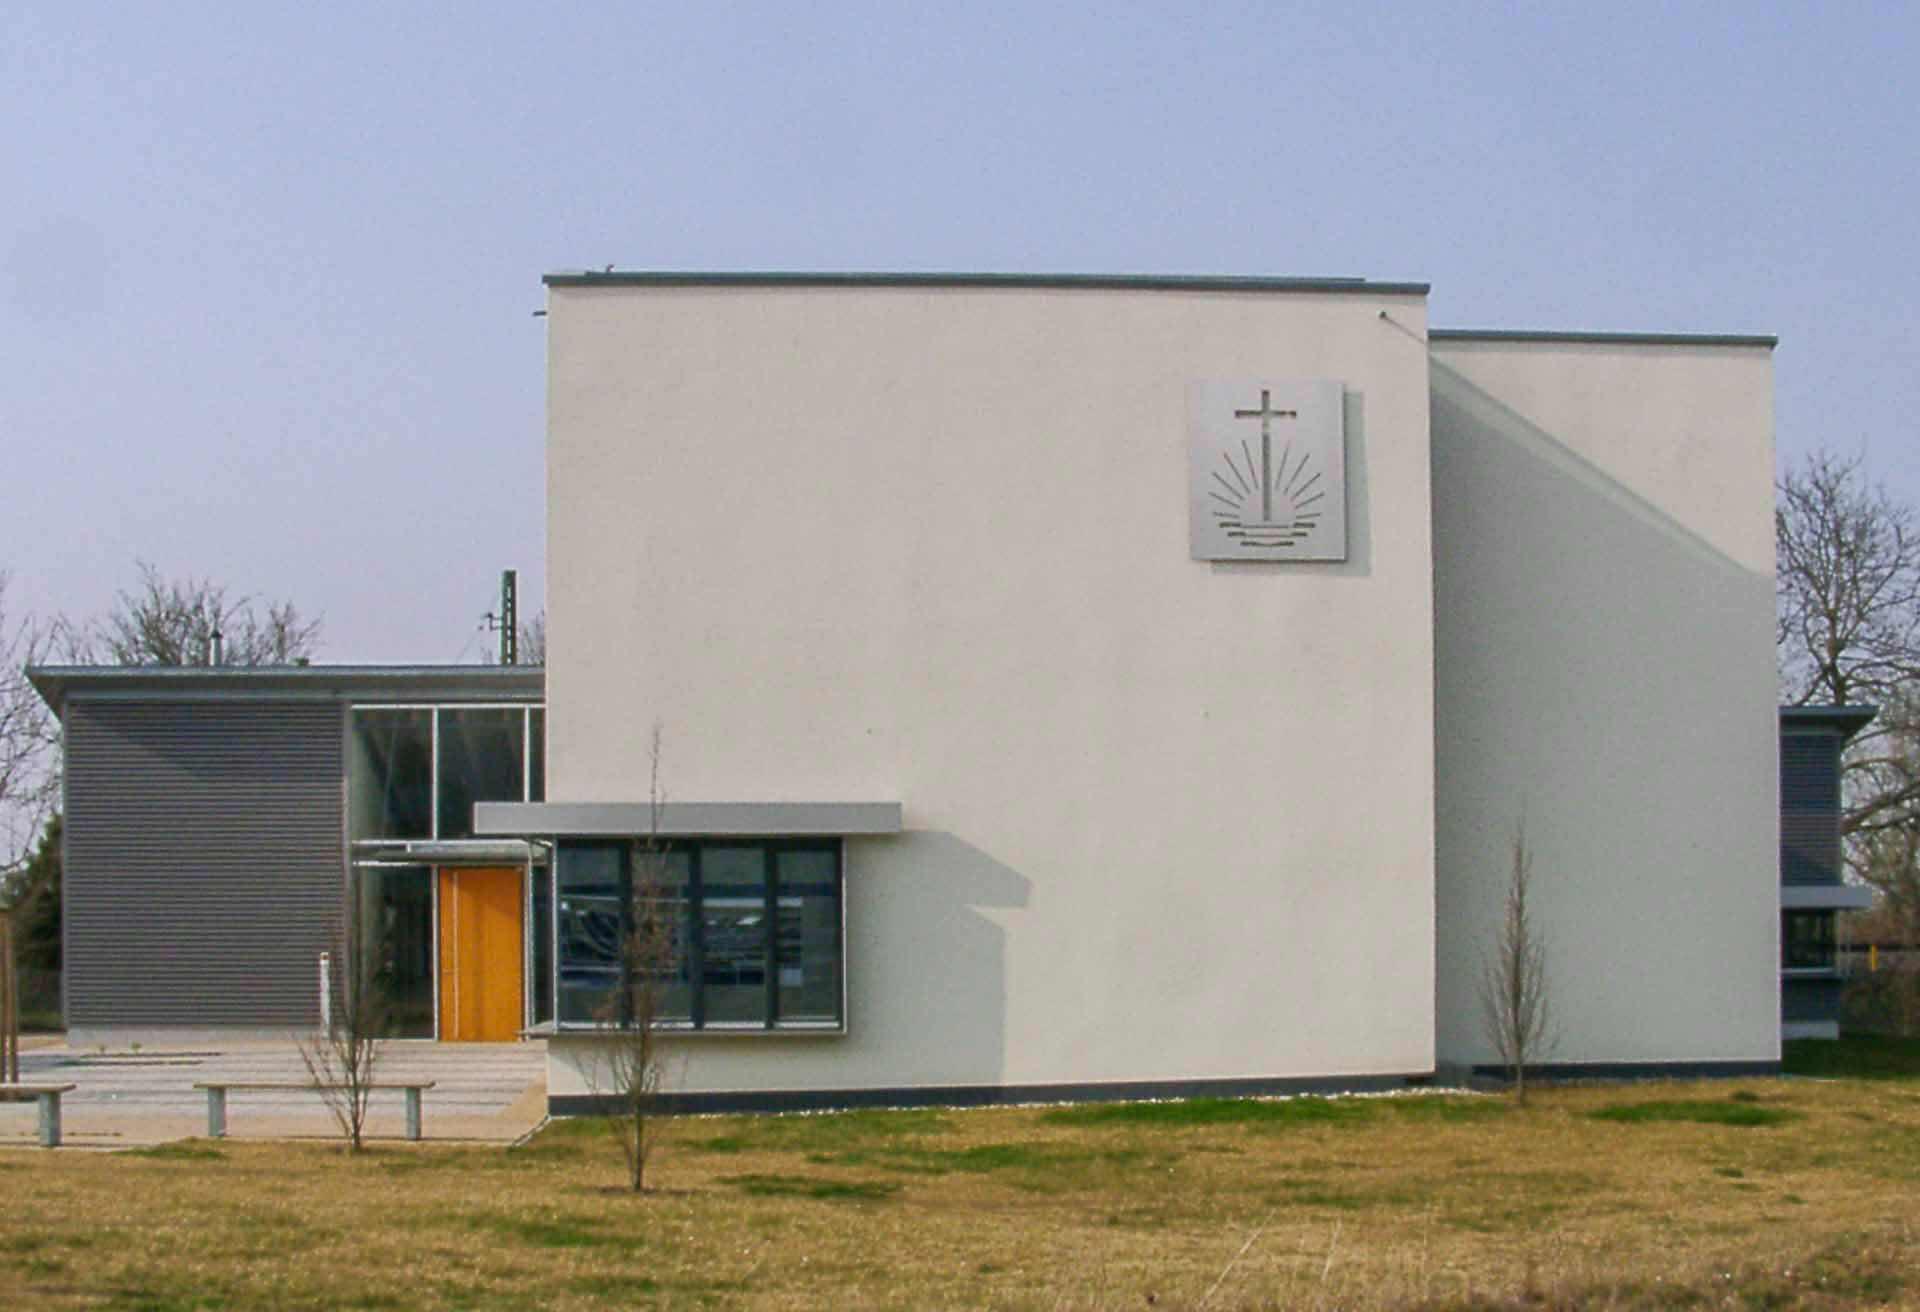 03260011-2 - Neuapostolische Kirche Bad Krozingen